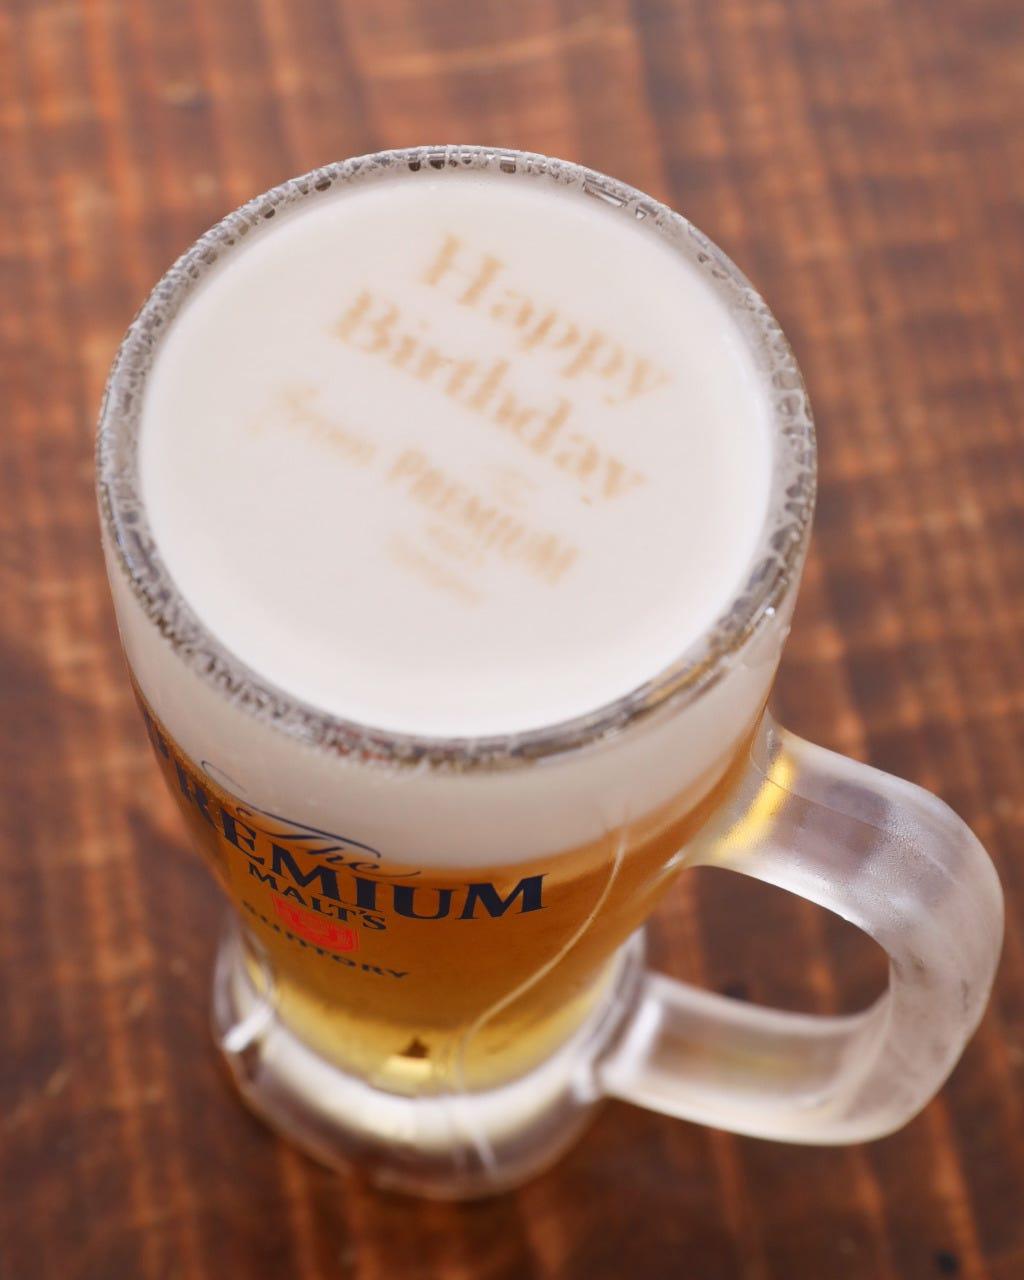 神泡認定!メッセージ付きの生ビール